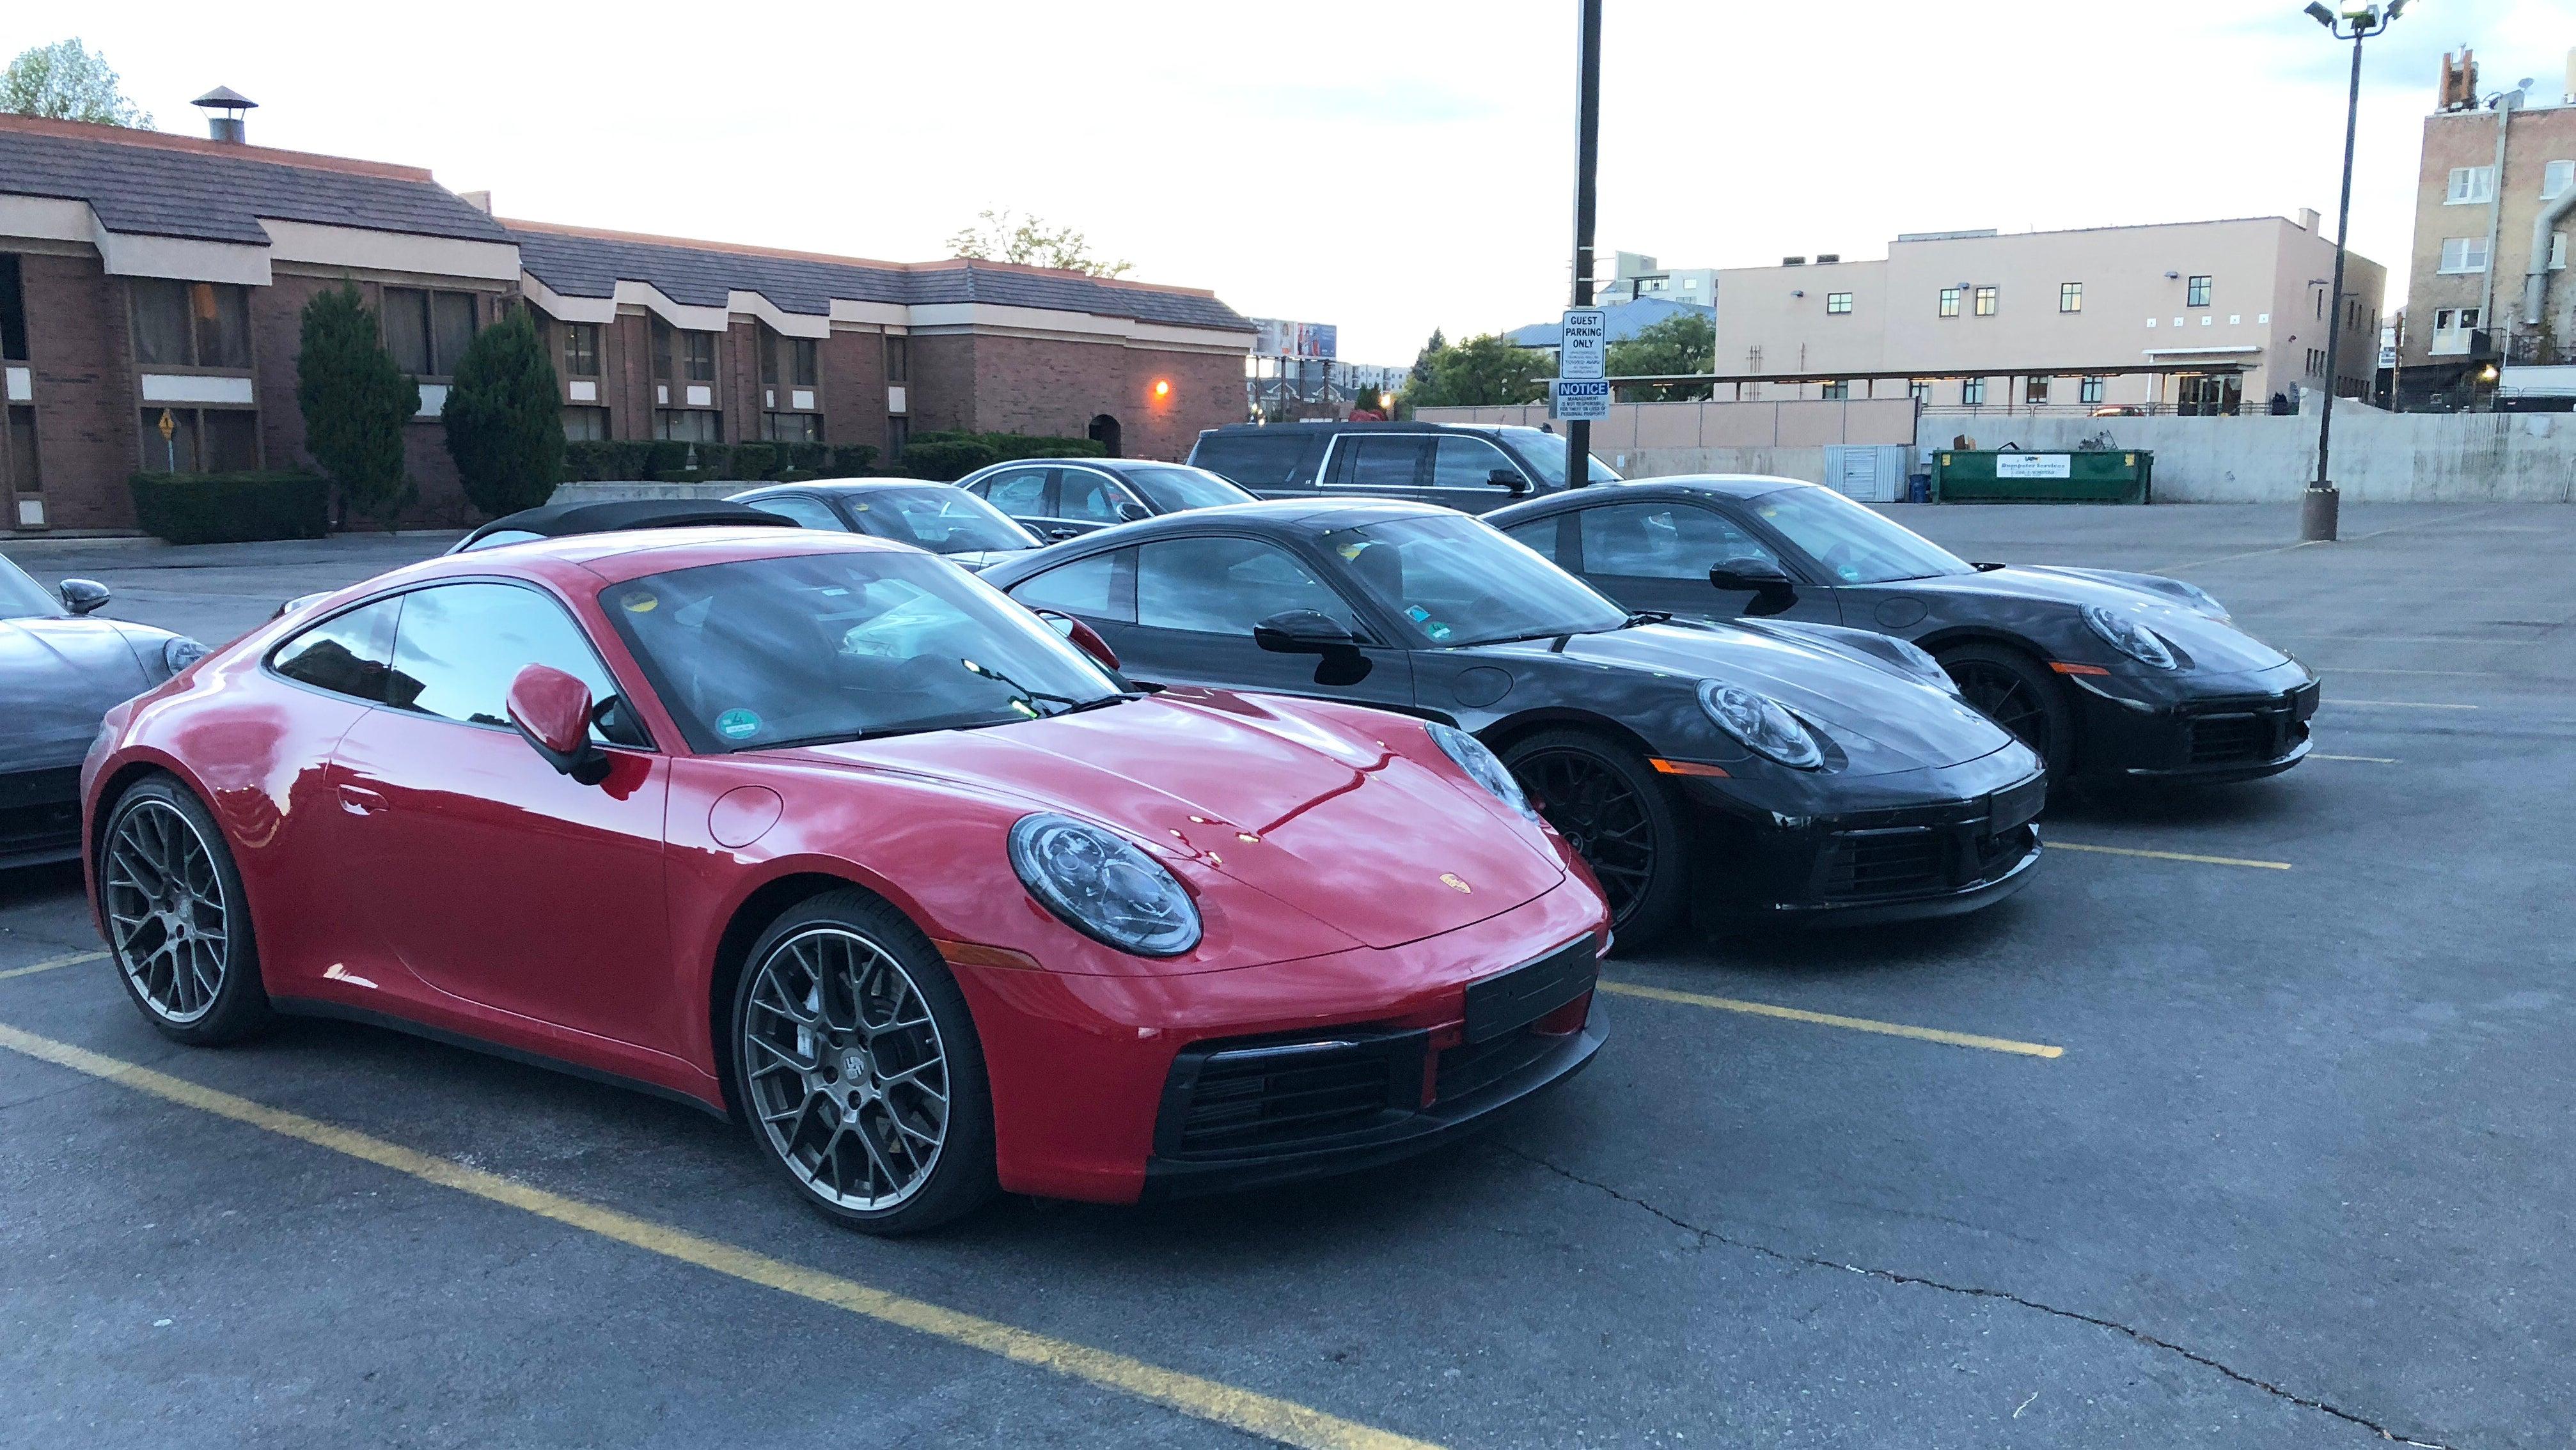 2018 - [Porsche] 911 - Page 9 Wqkhgpzemm3fbeg8n1h5